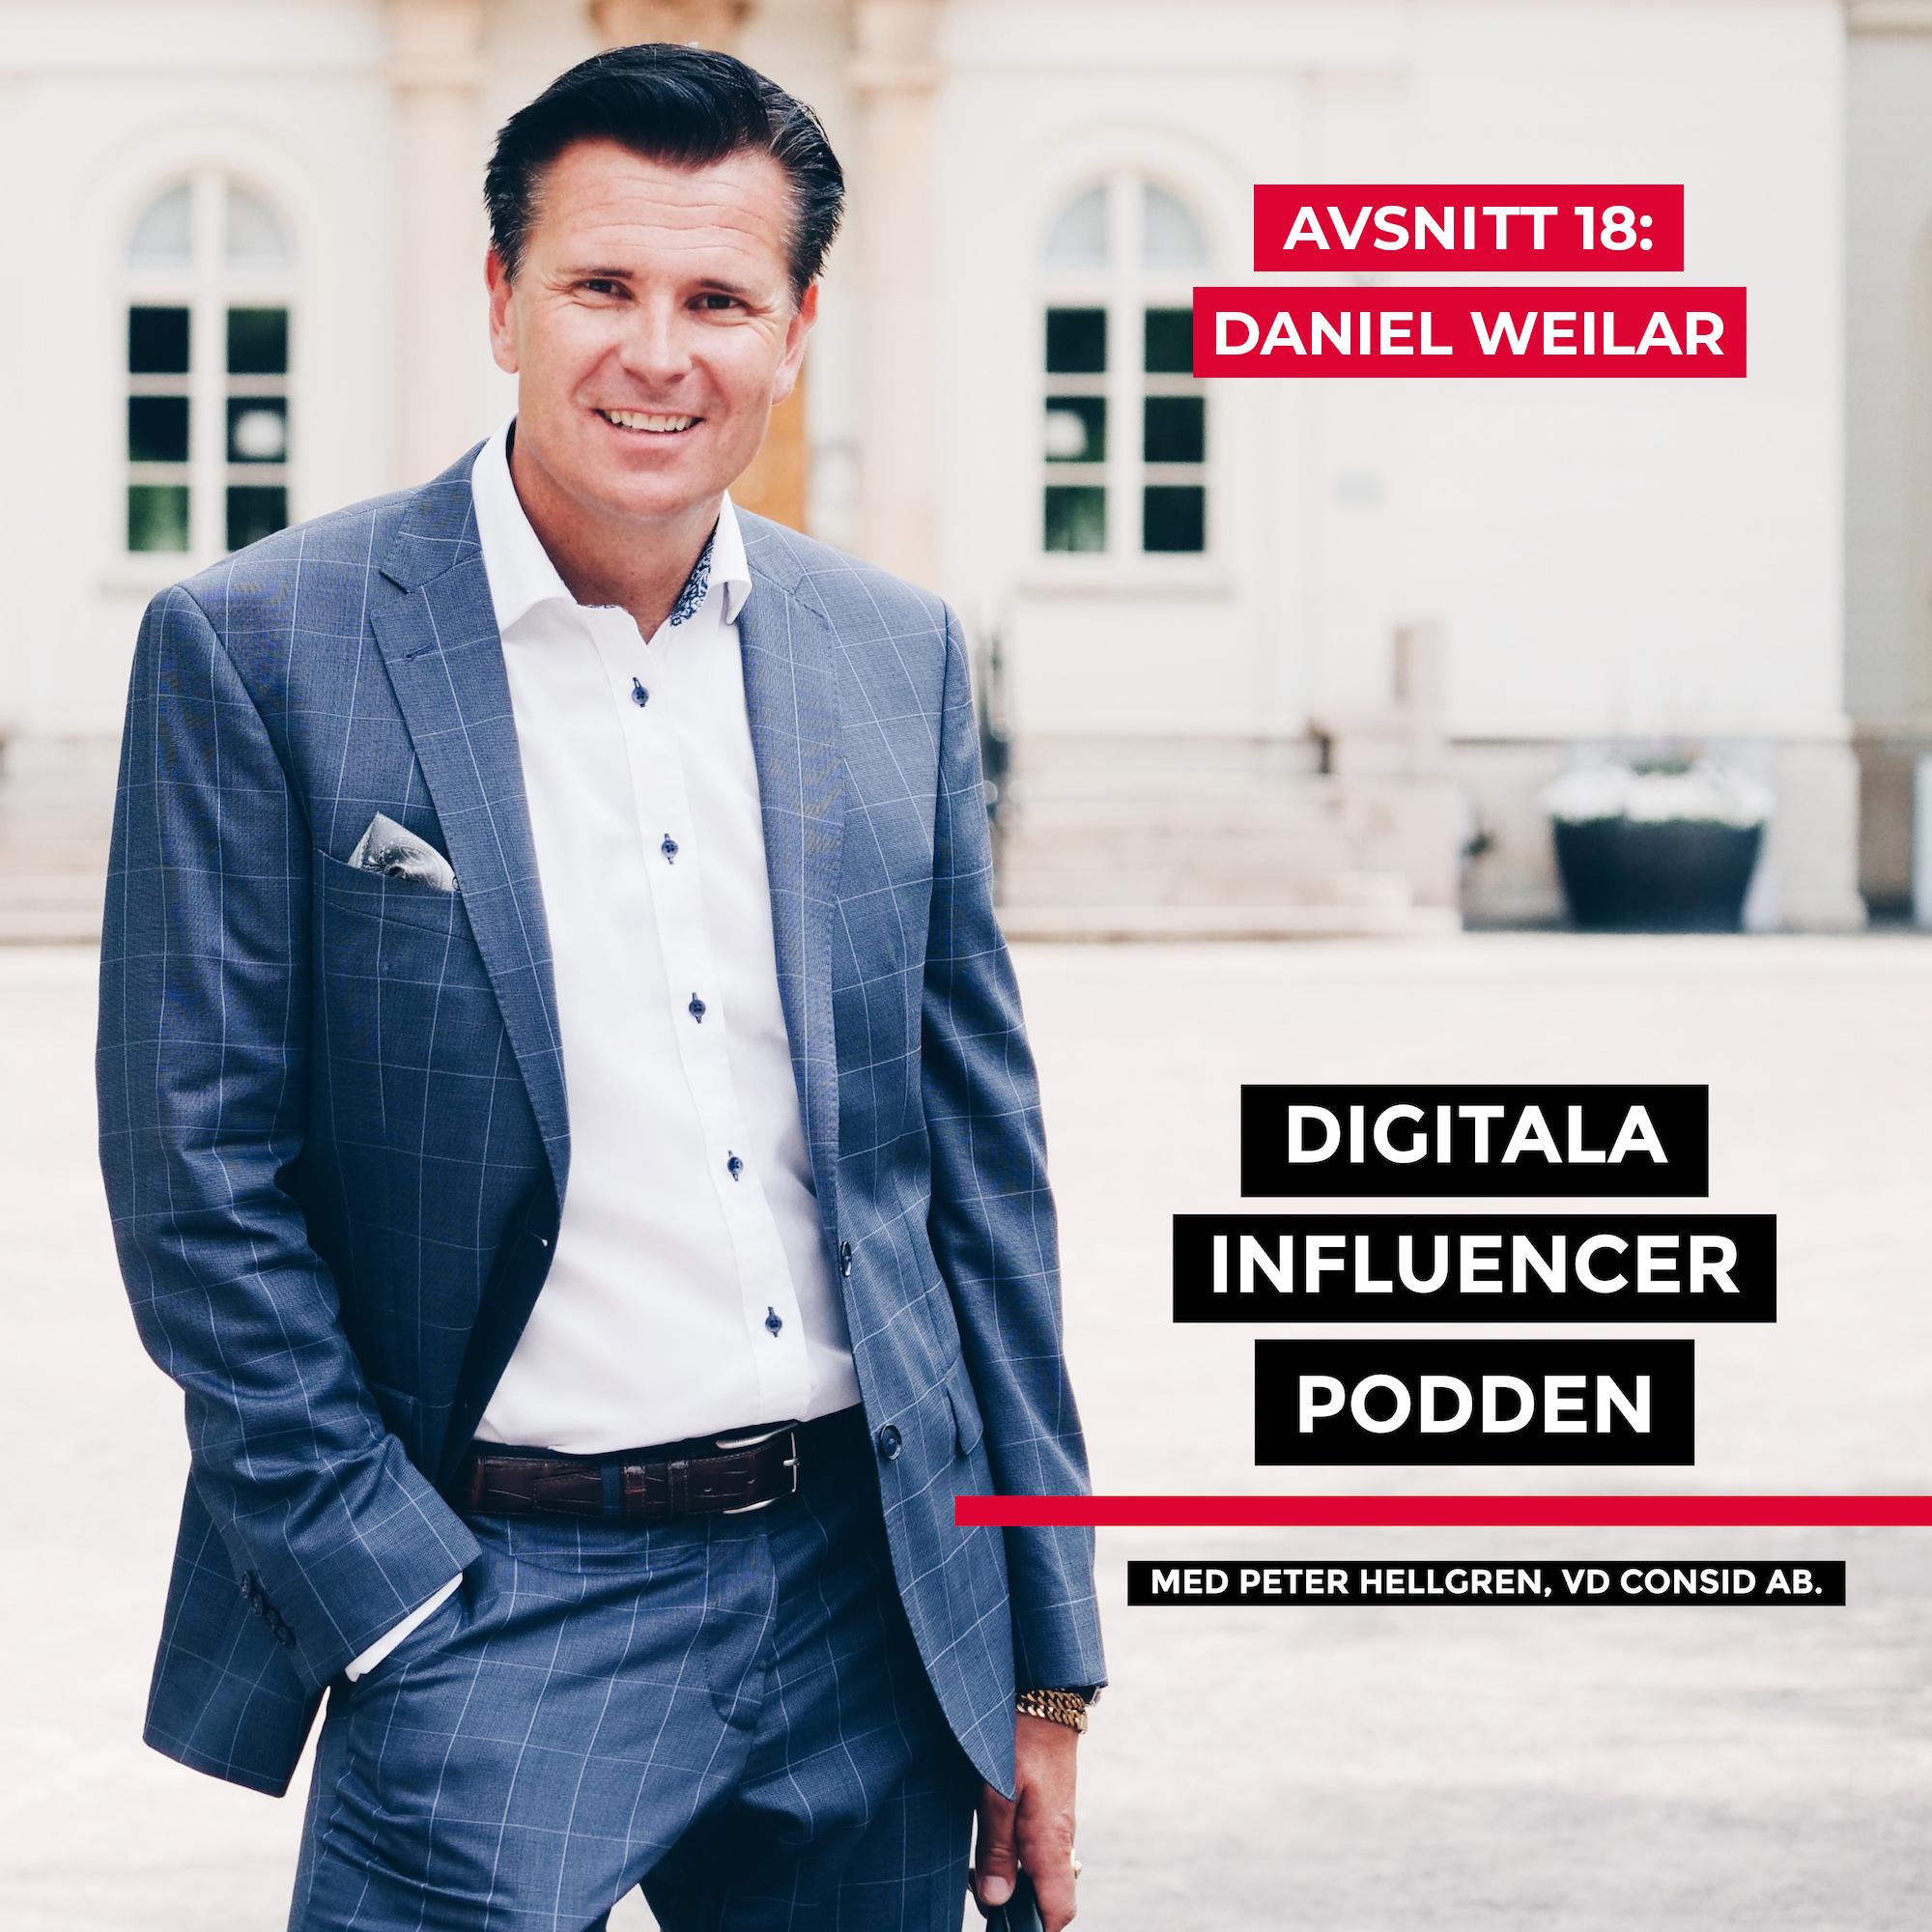 18. Daniel Weilar, medgrundare Primetime – från noll till en miljon spelare på ett år, trender inom marknadsföring och den digitala erans lägereldar